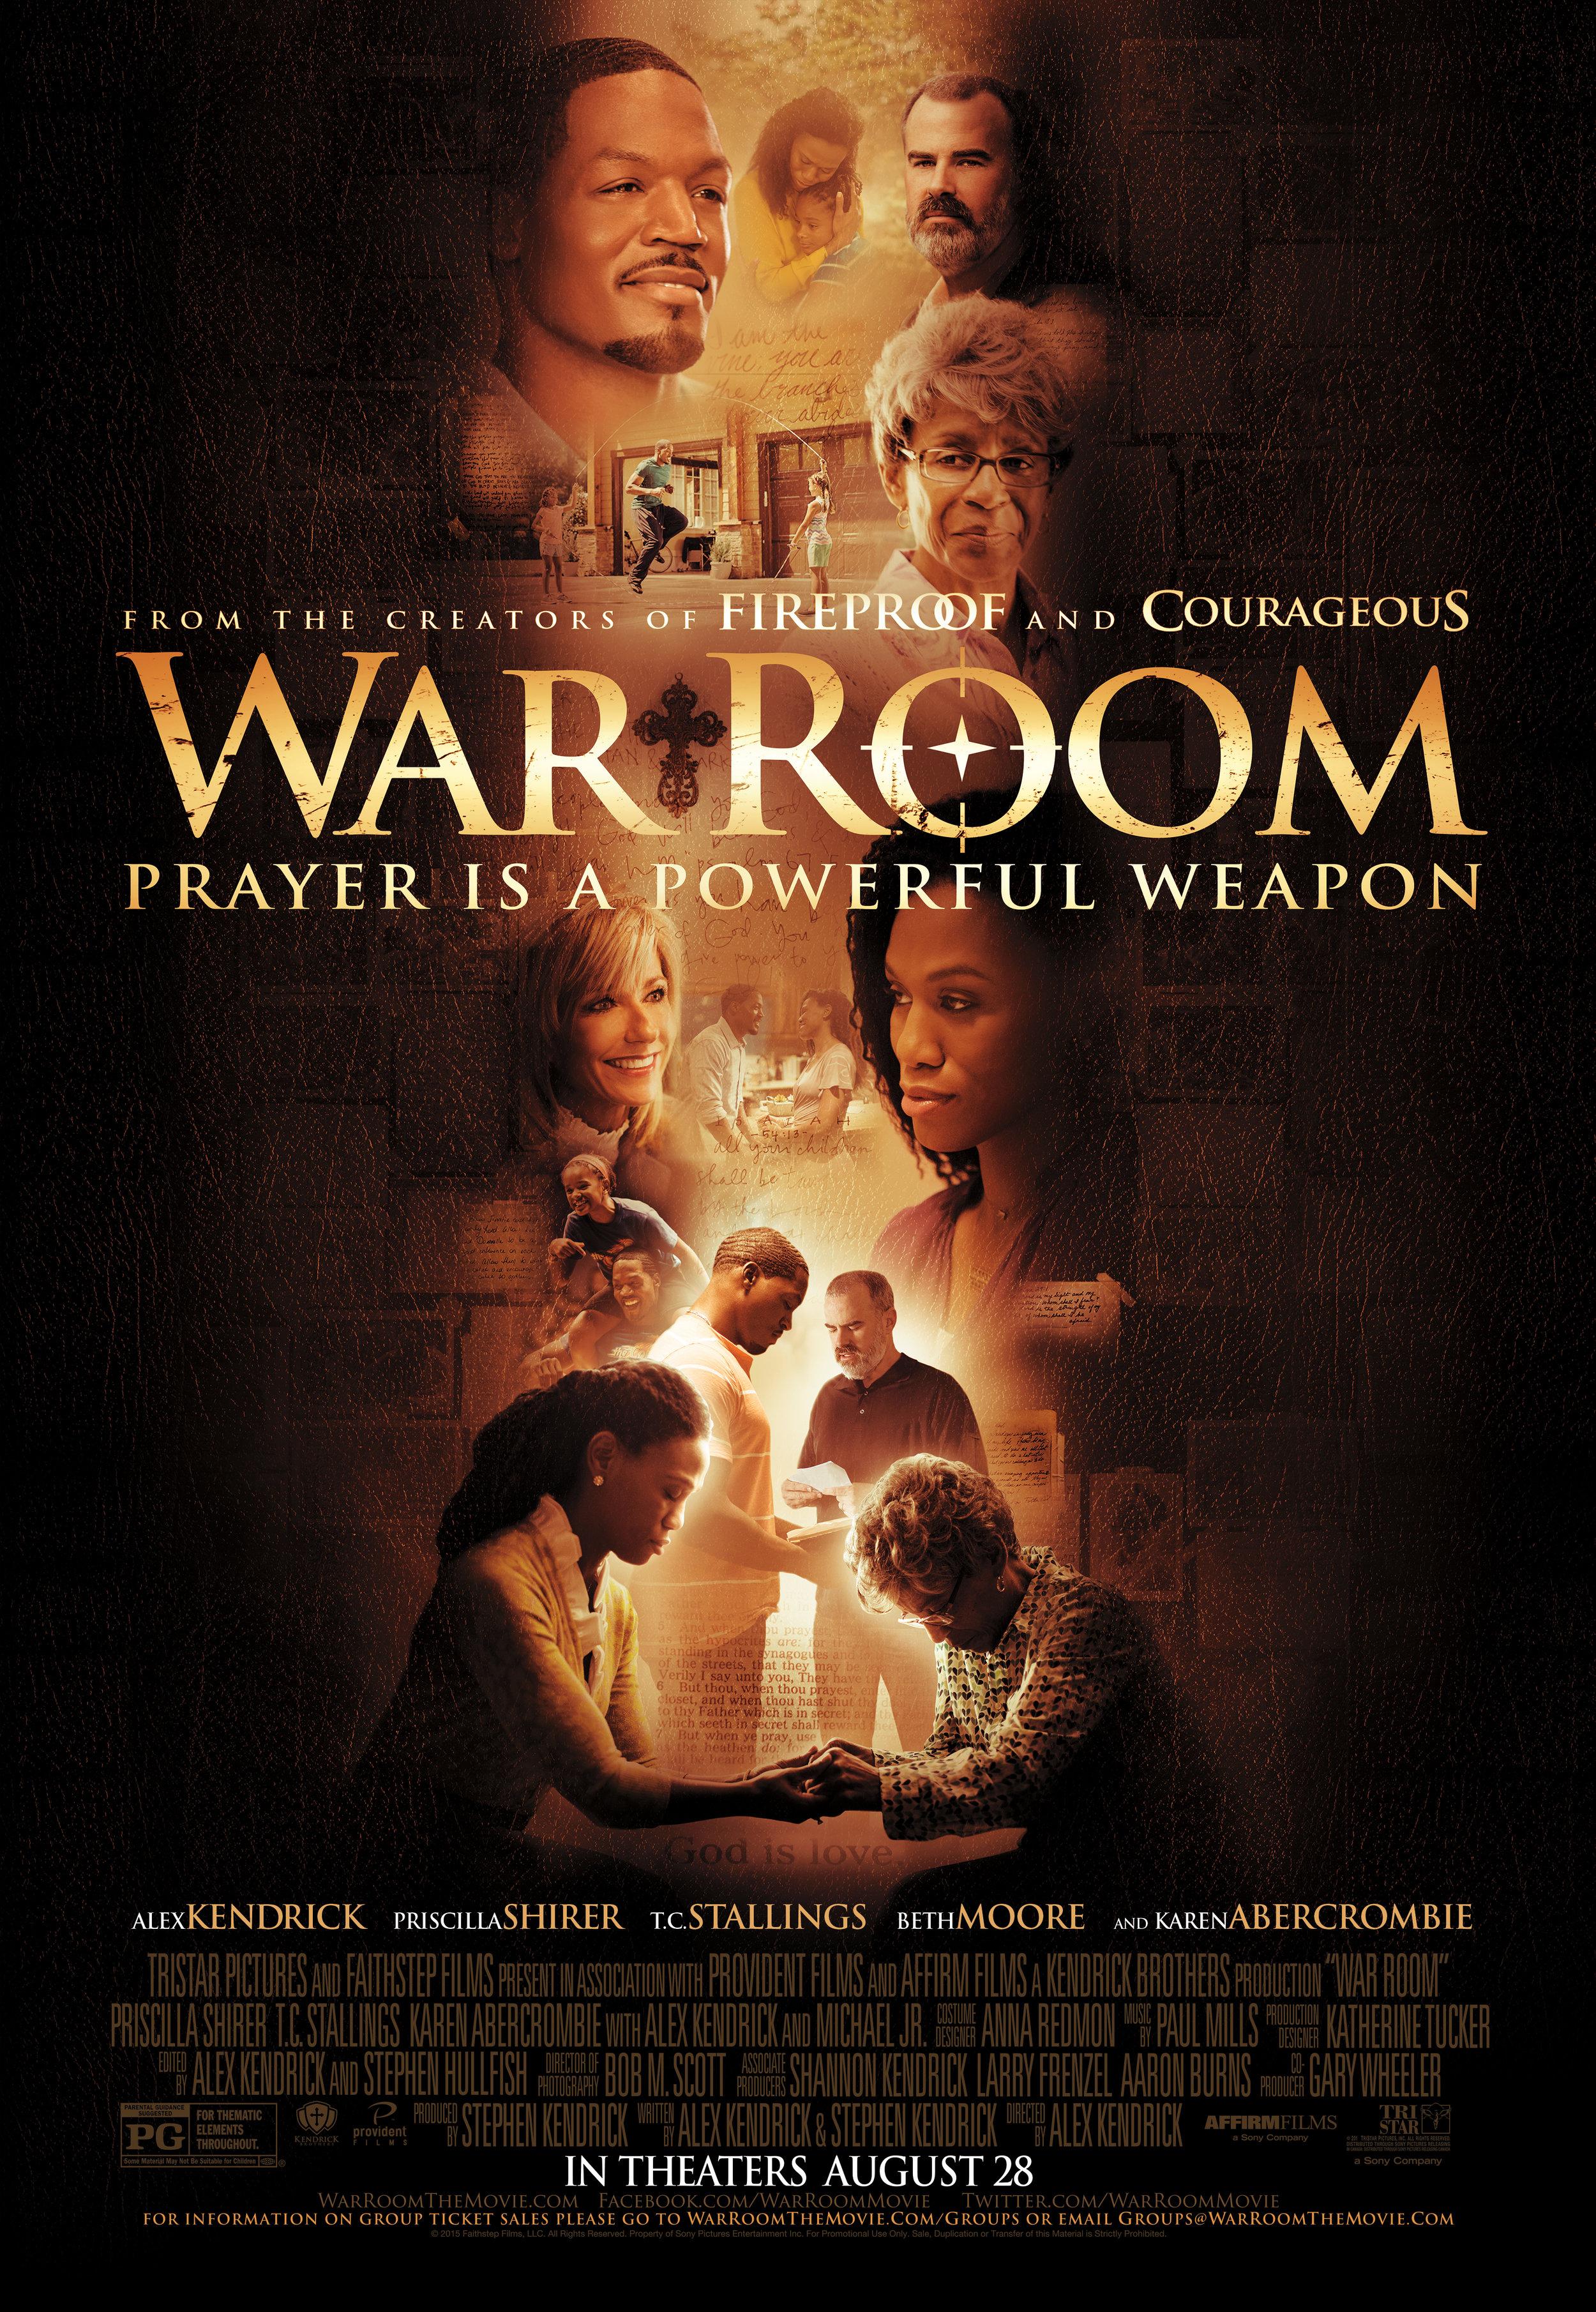 WarRoom_MoviePoster-1.jpg